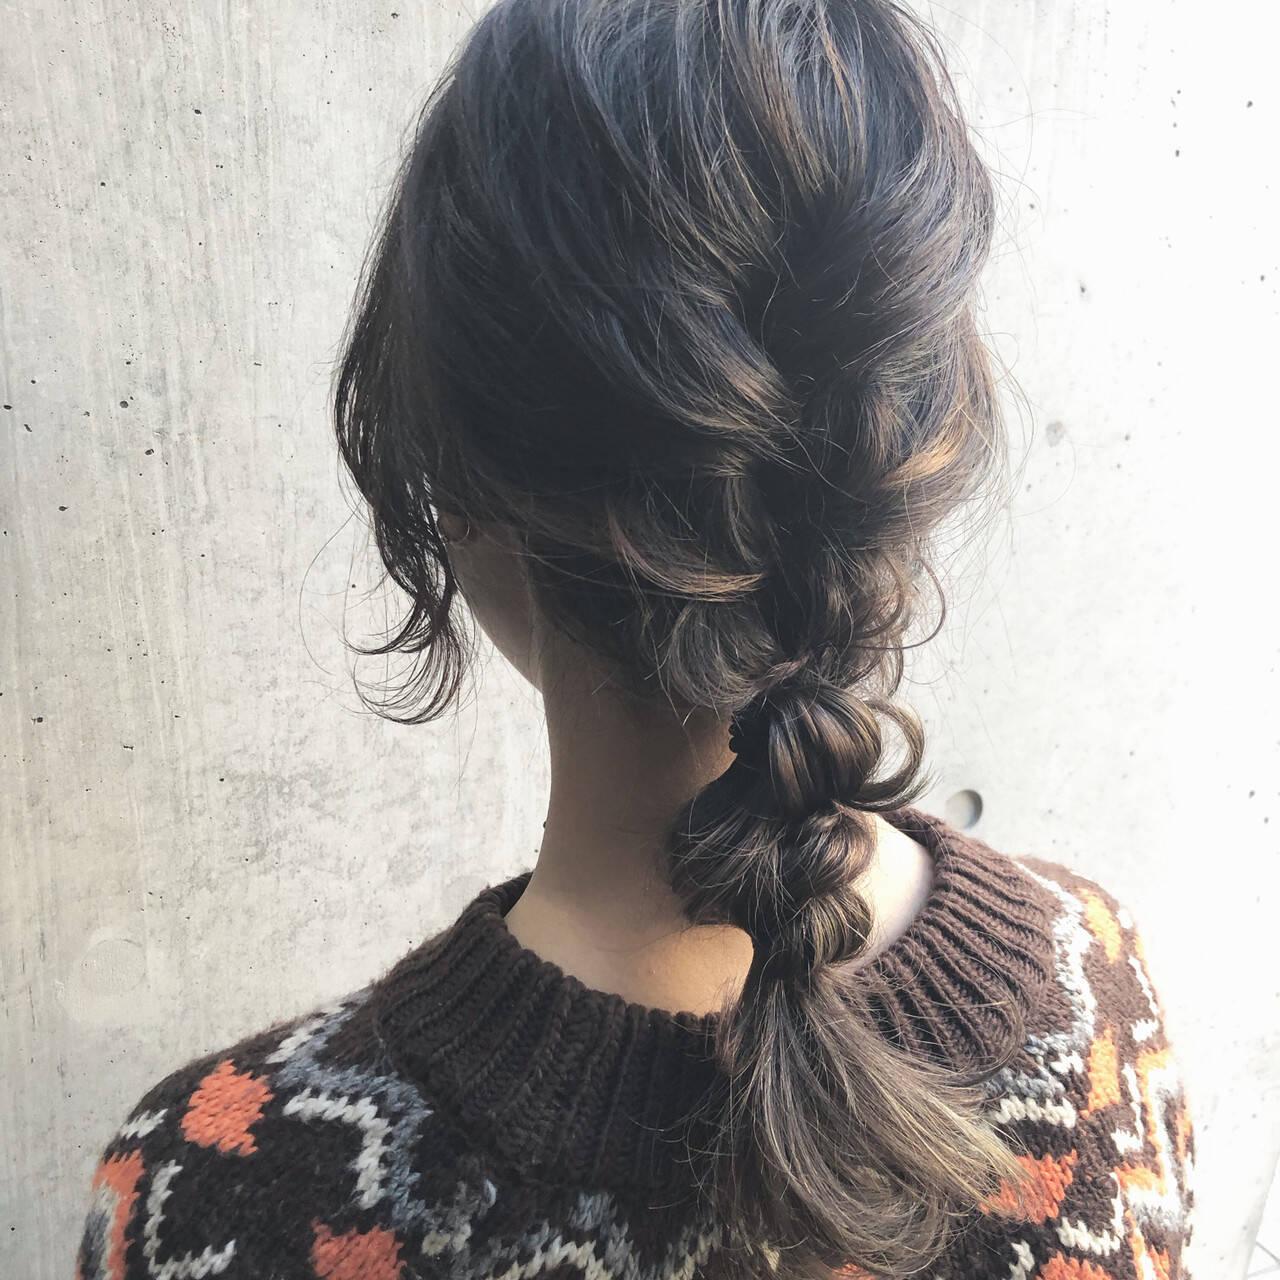 簡単ヘアアレンジ 大人カジュアル ミディアム 大人かわいいヘアスタイルや髪型の写真・画像